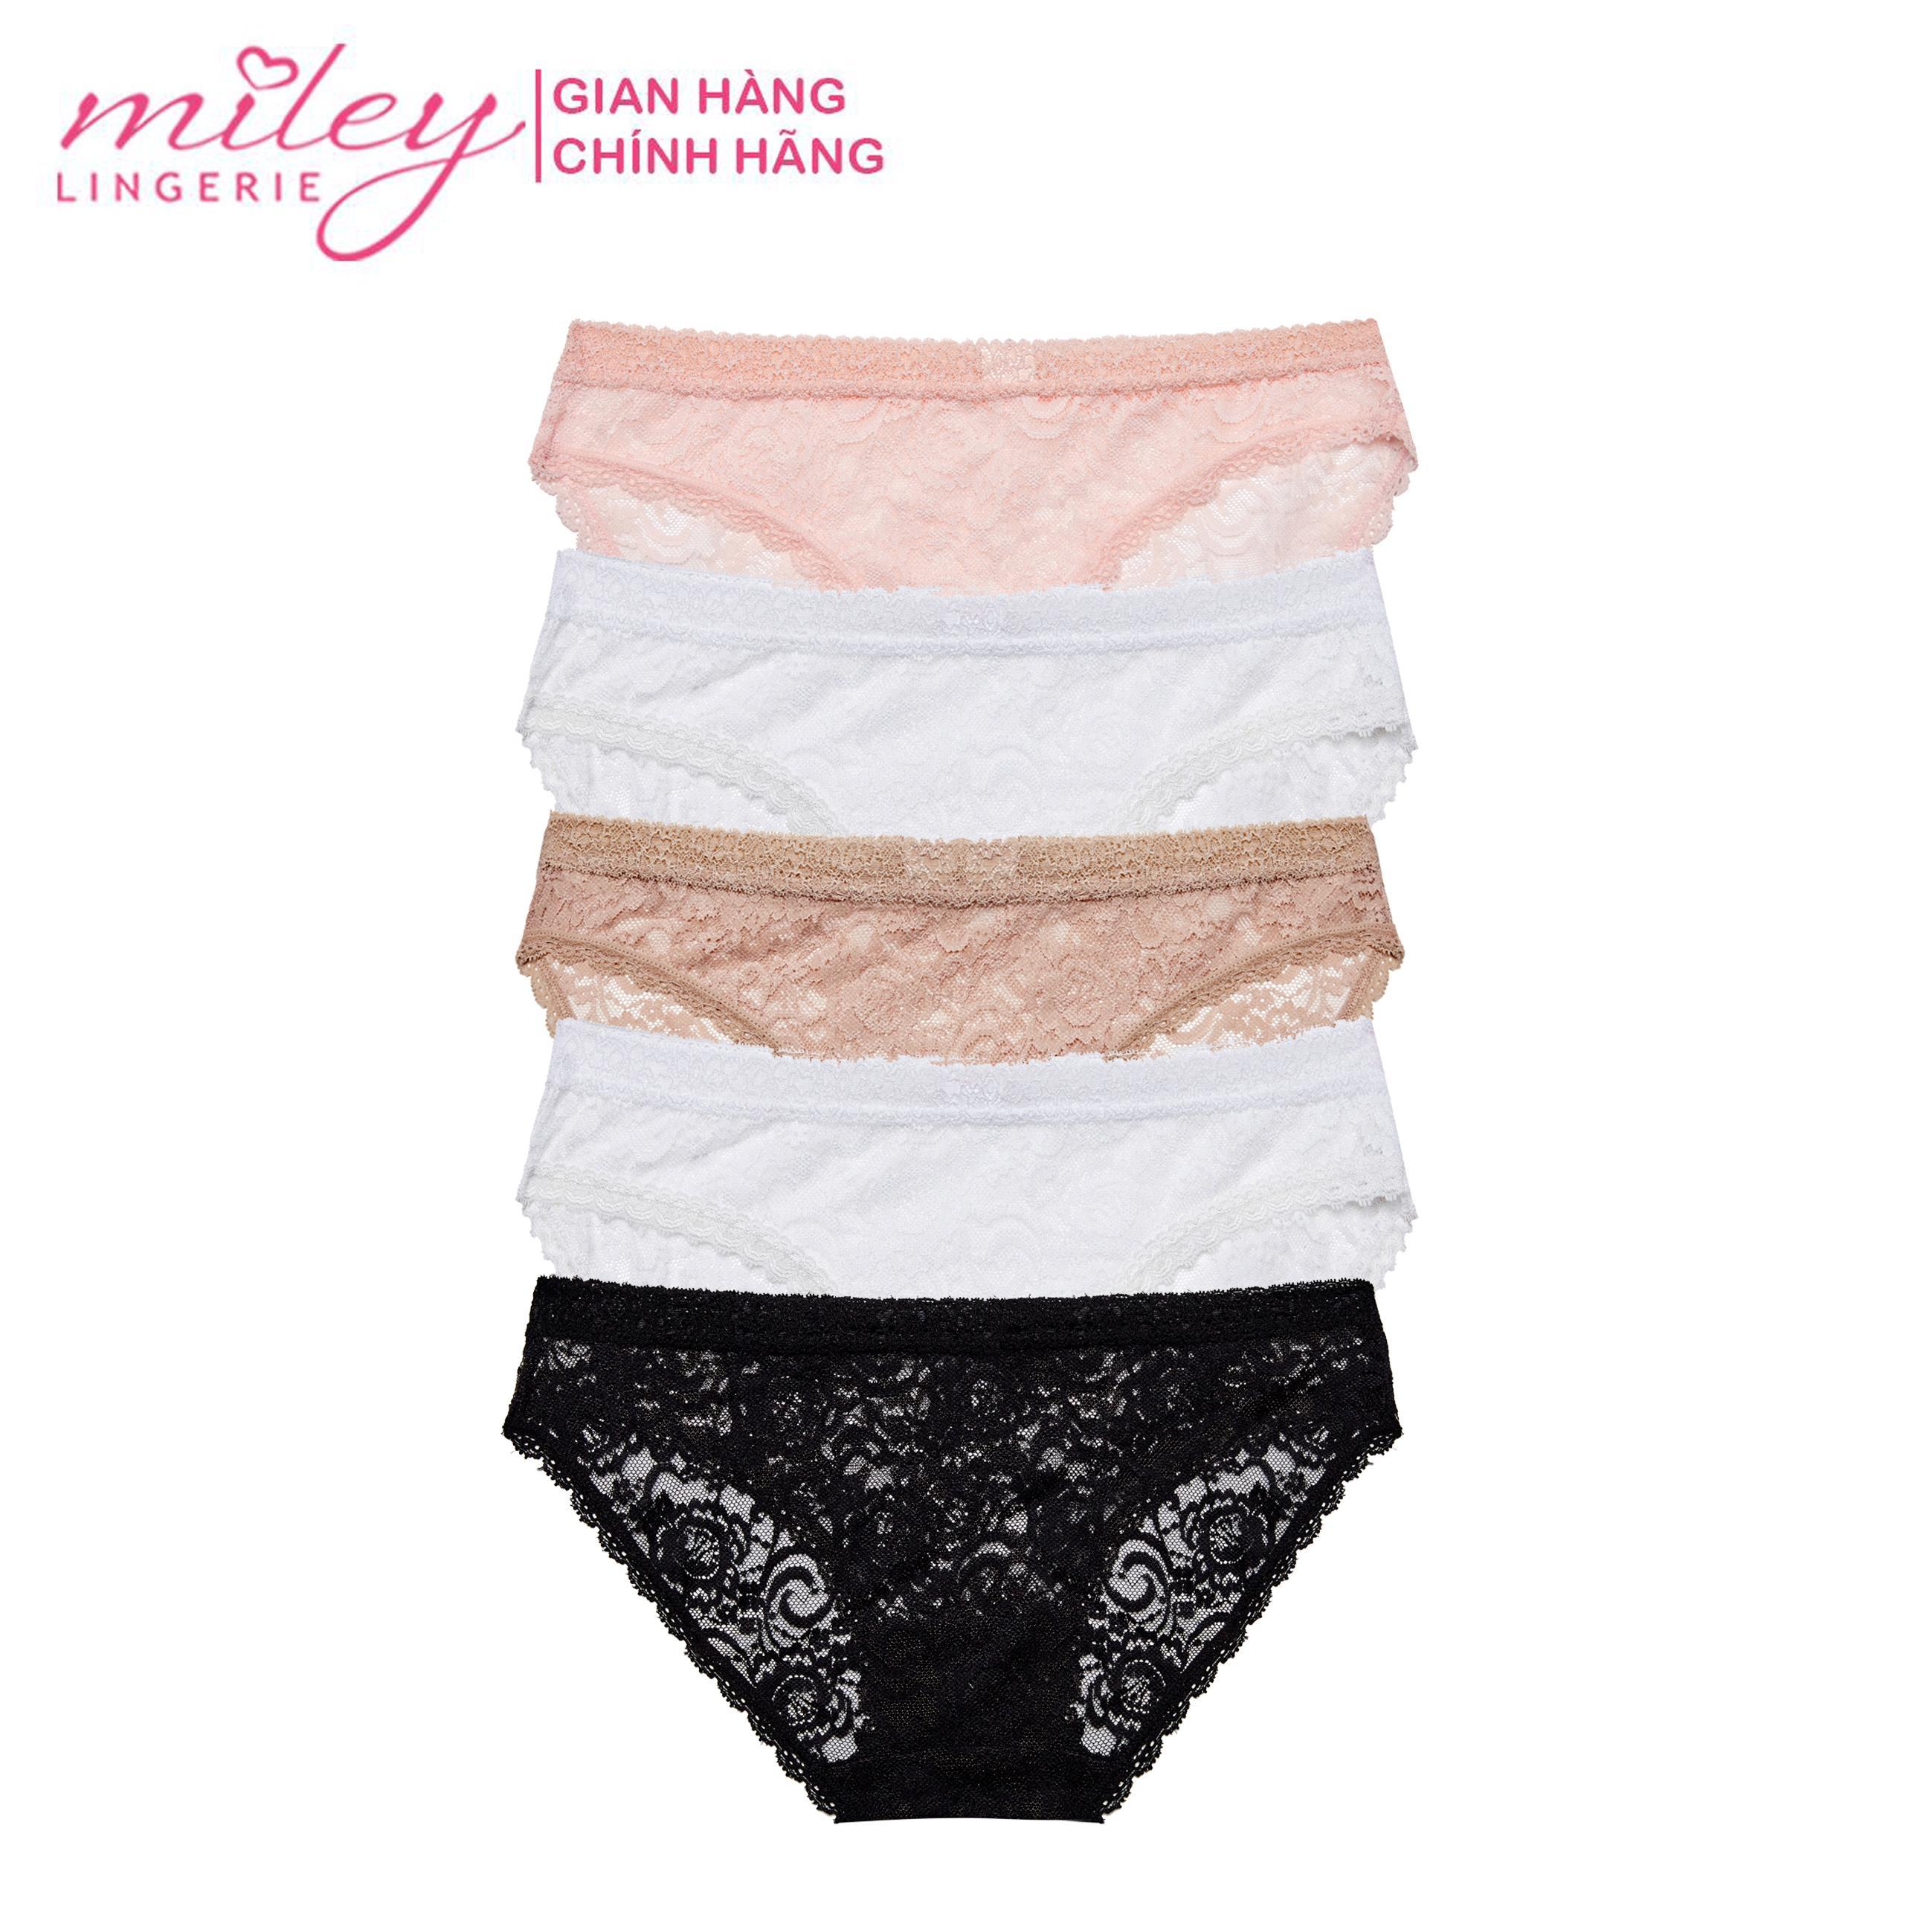 Bộ 5 Quần Lót Ren Hoa Sexy Miley Lingerie FLS_03 Đang Ưu Đãi Giá